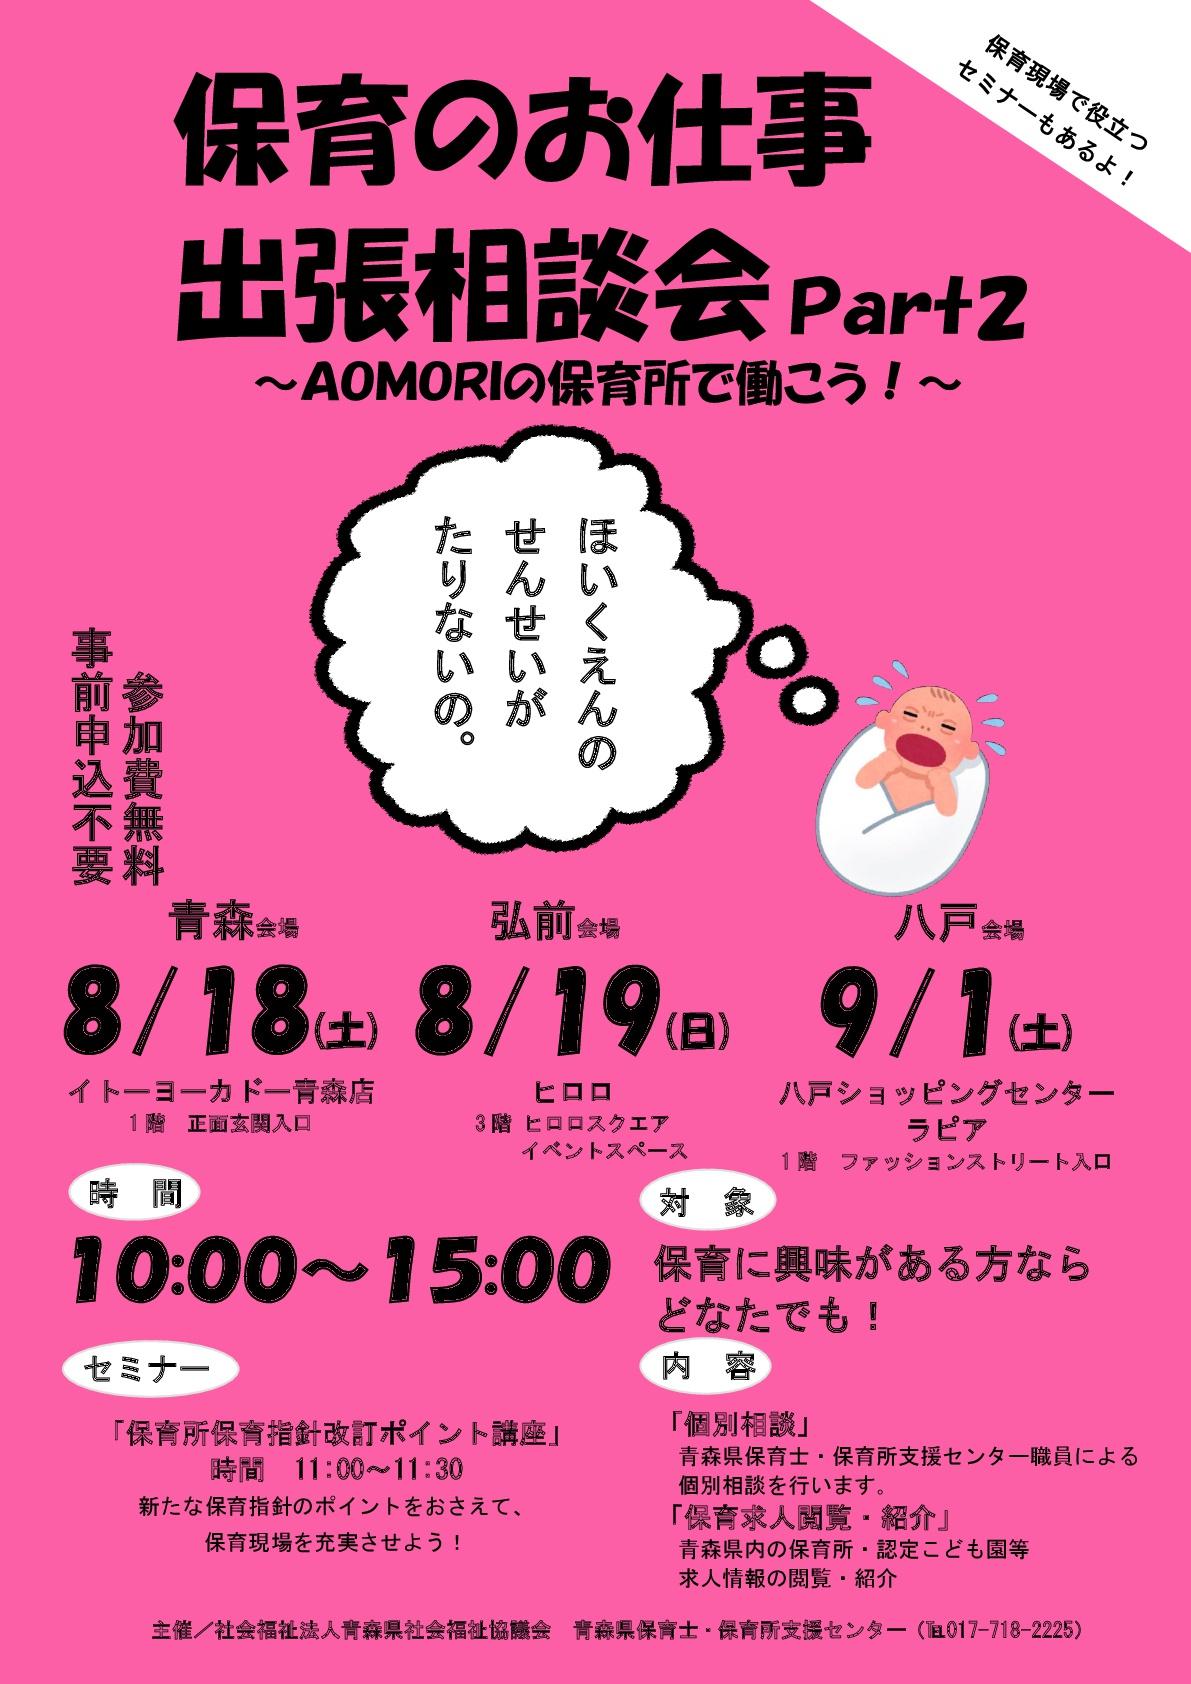 保育のお仕事出張相談会:チラシ【完成】-001.jpg